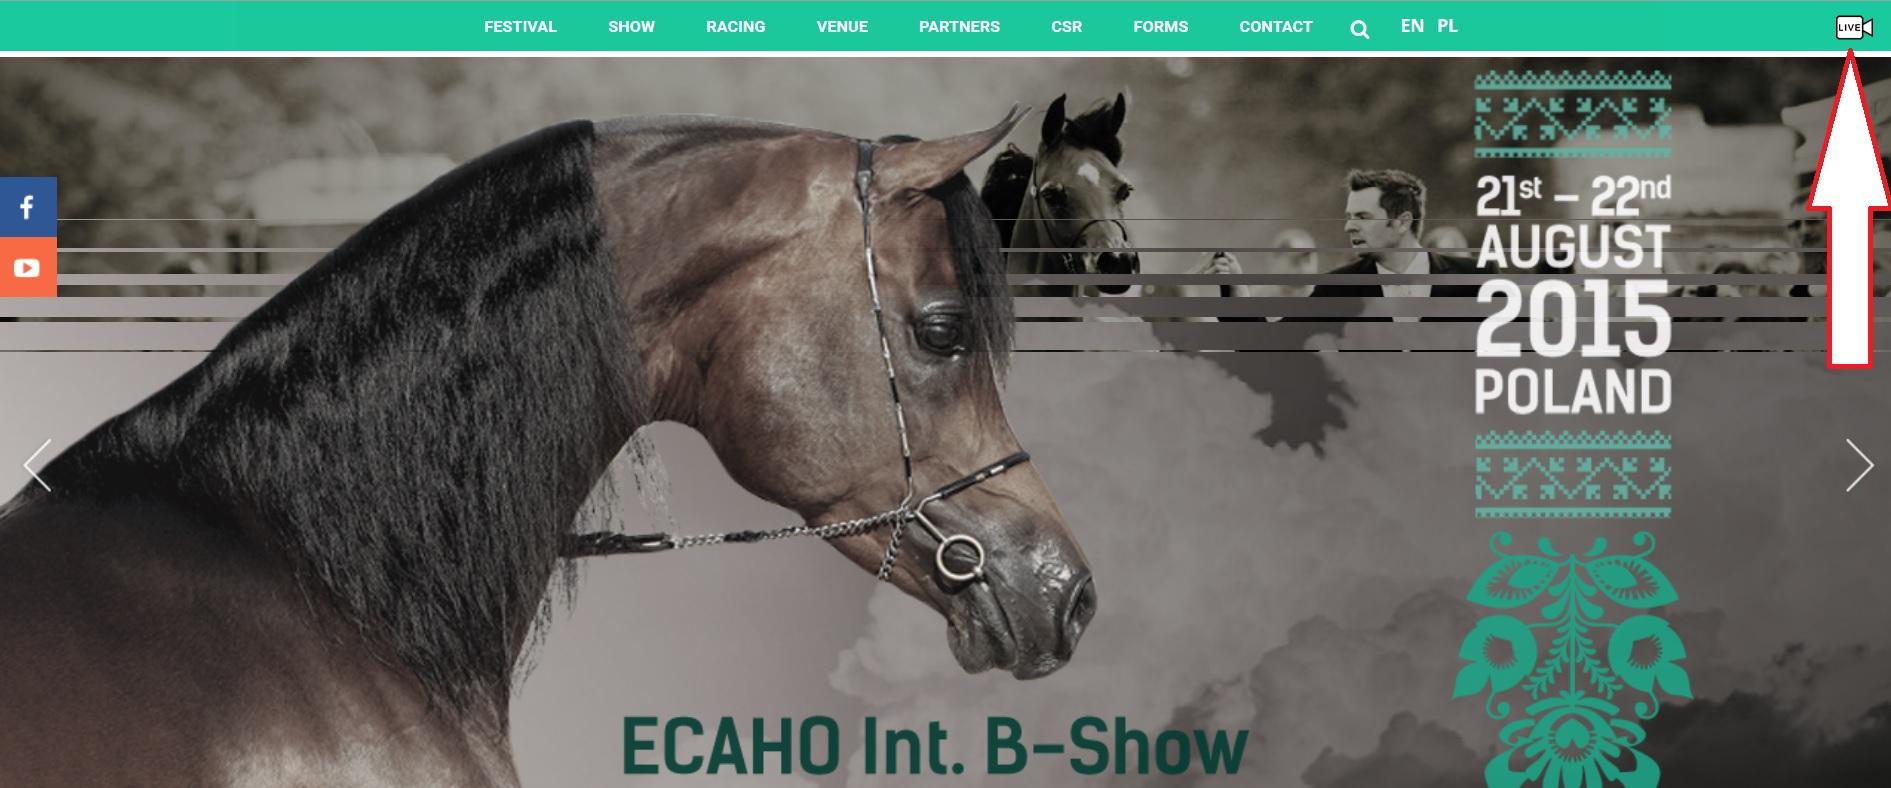 en directo desde polonia caballos arabes